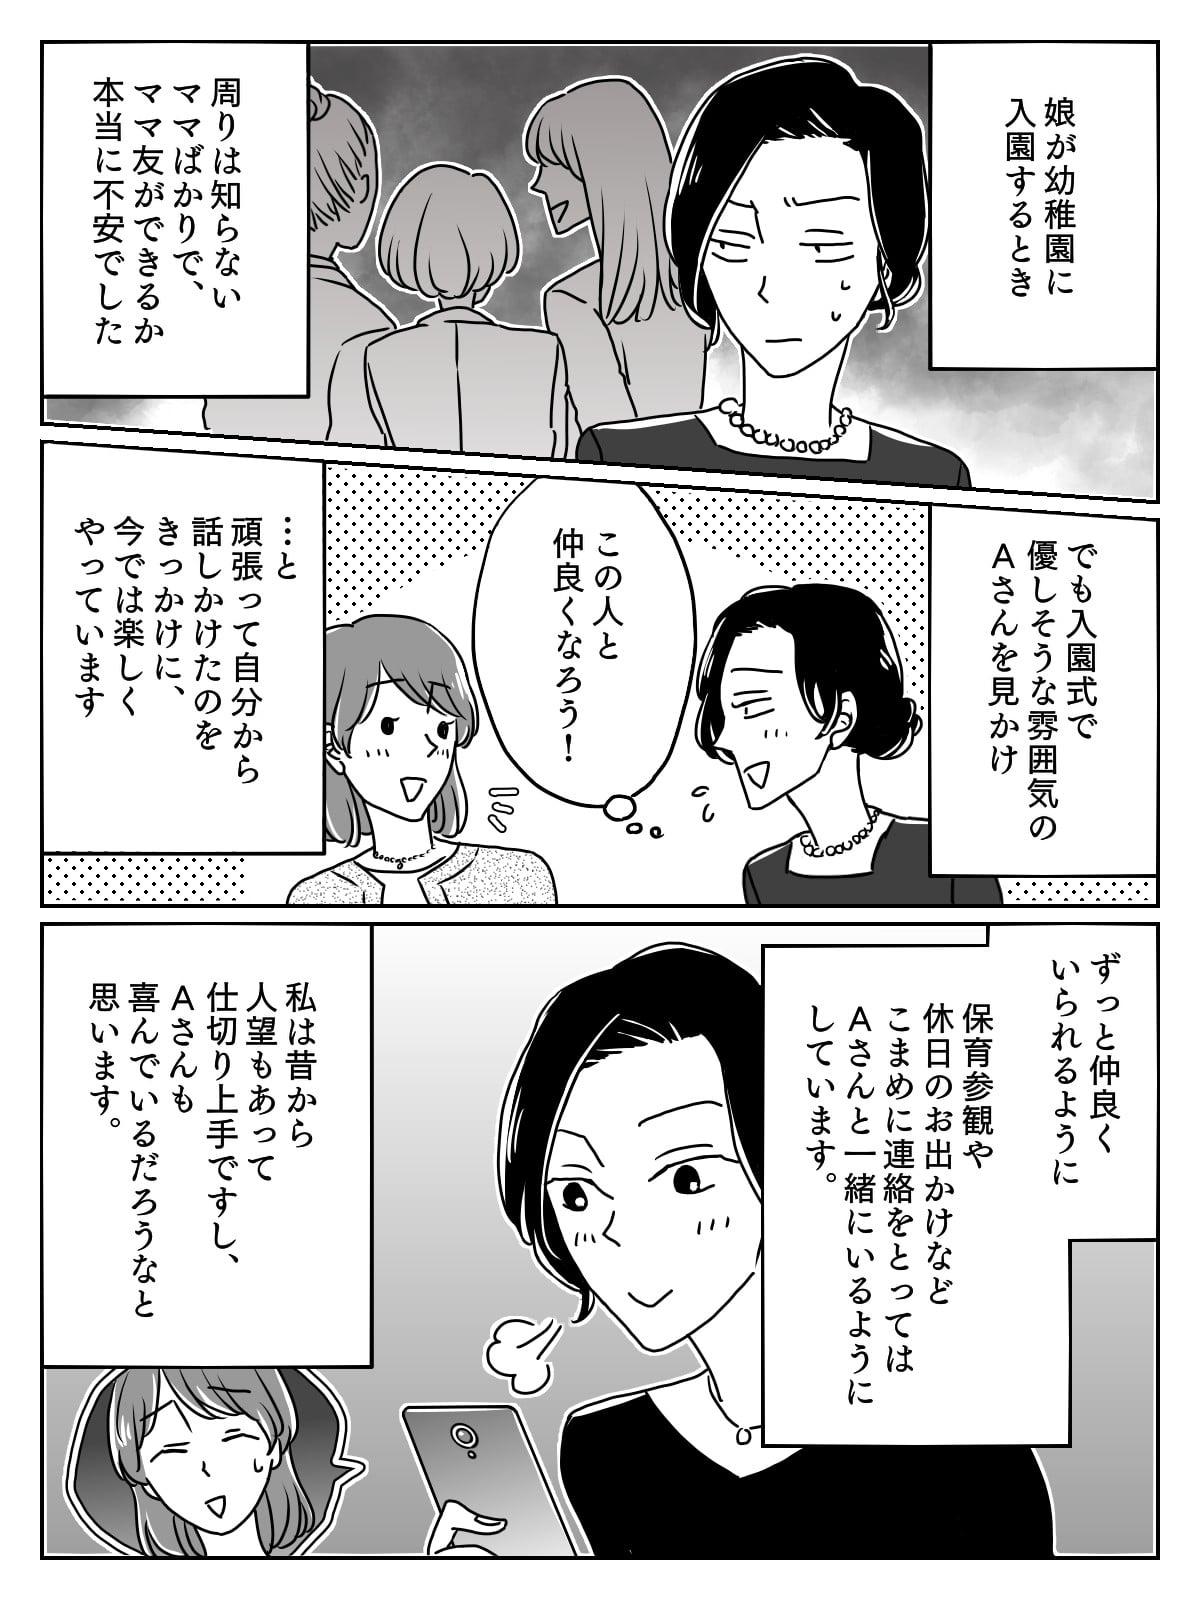 「ママ友関係」三者三様のうず巻く感情~嫉妬するB子の場合~